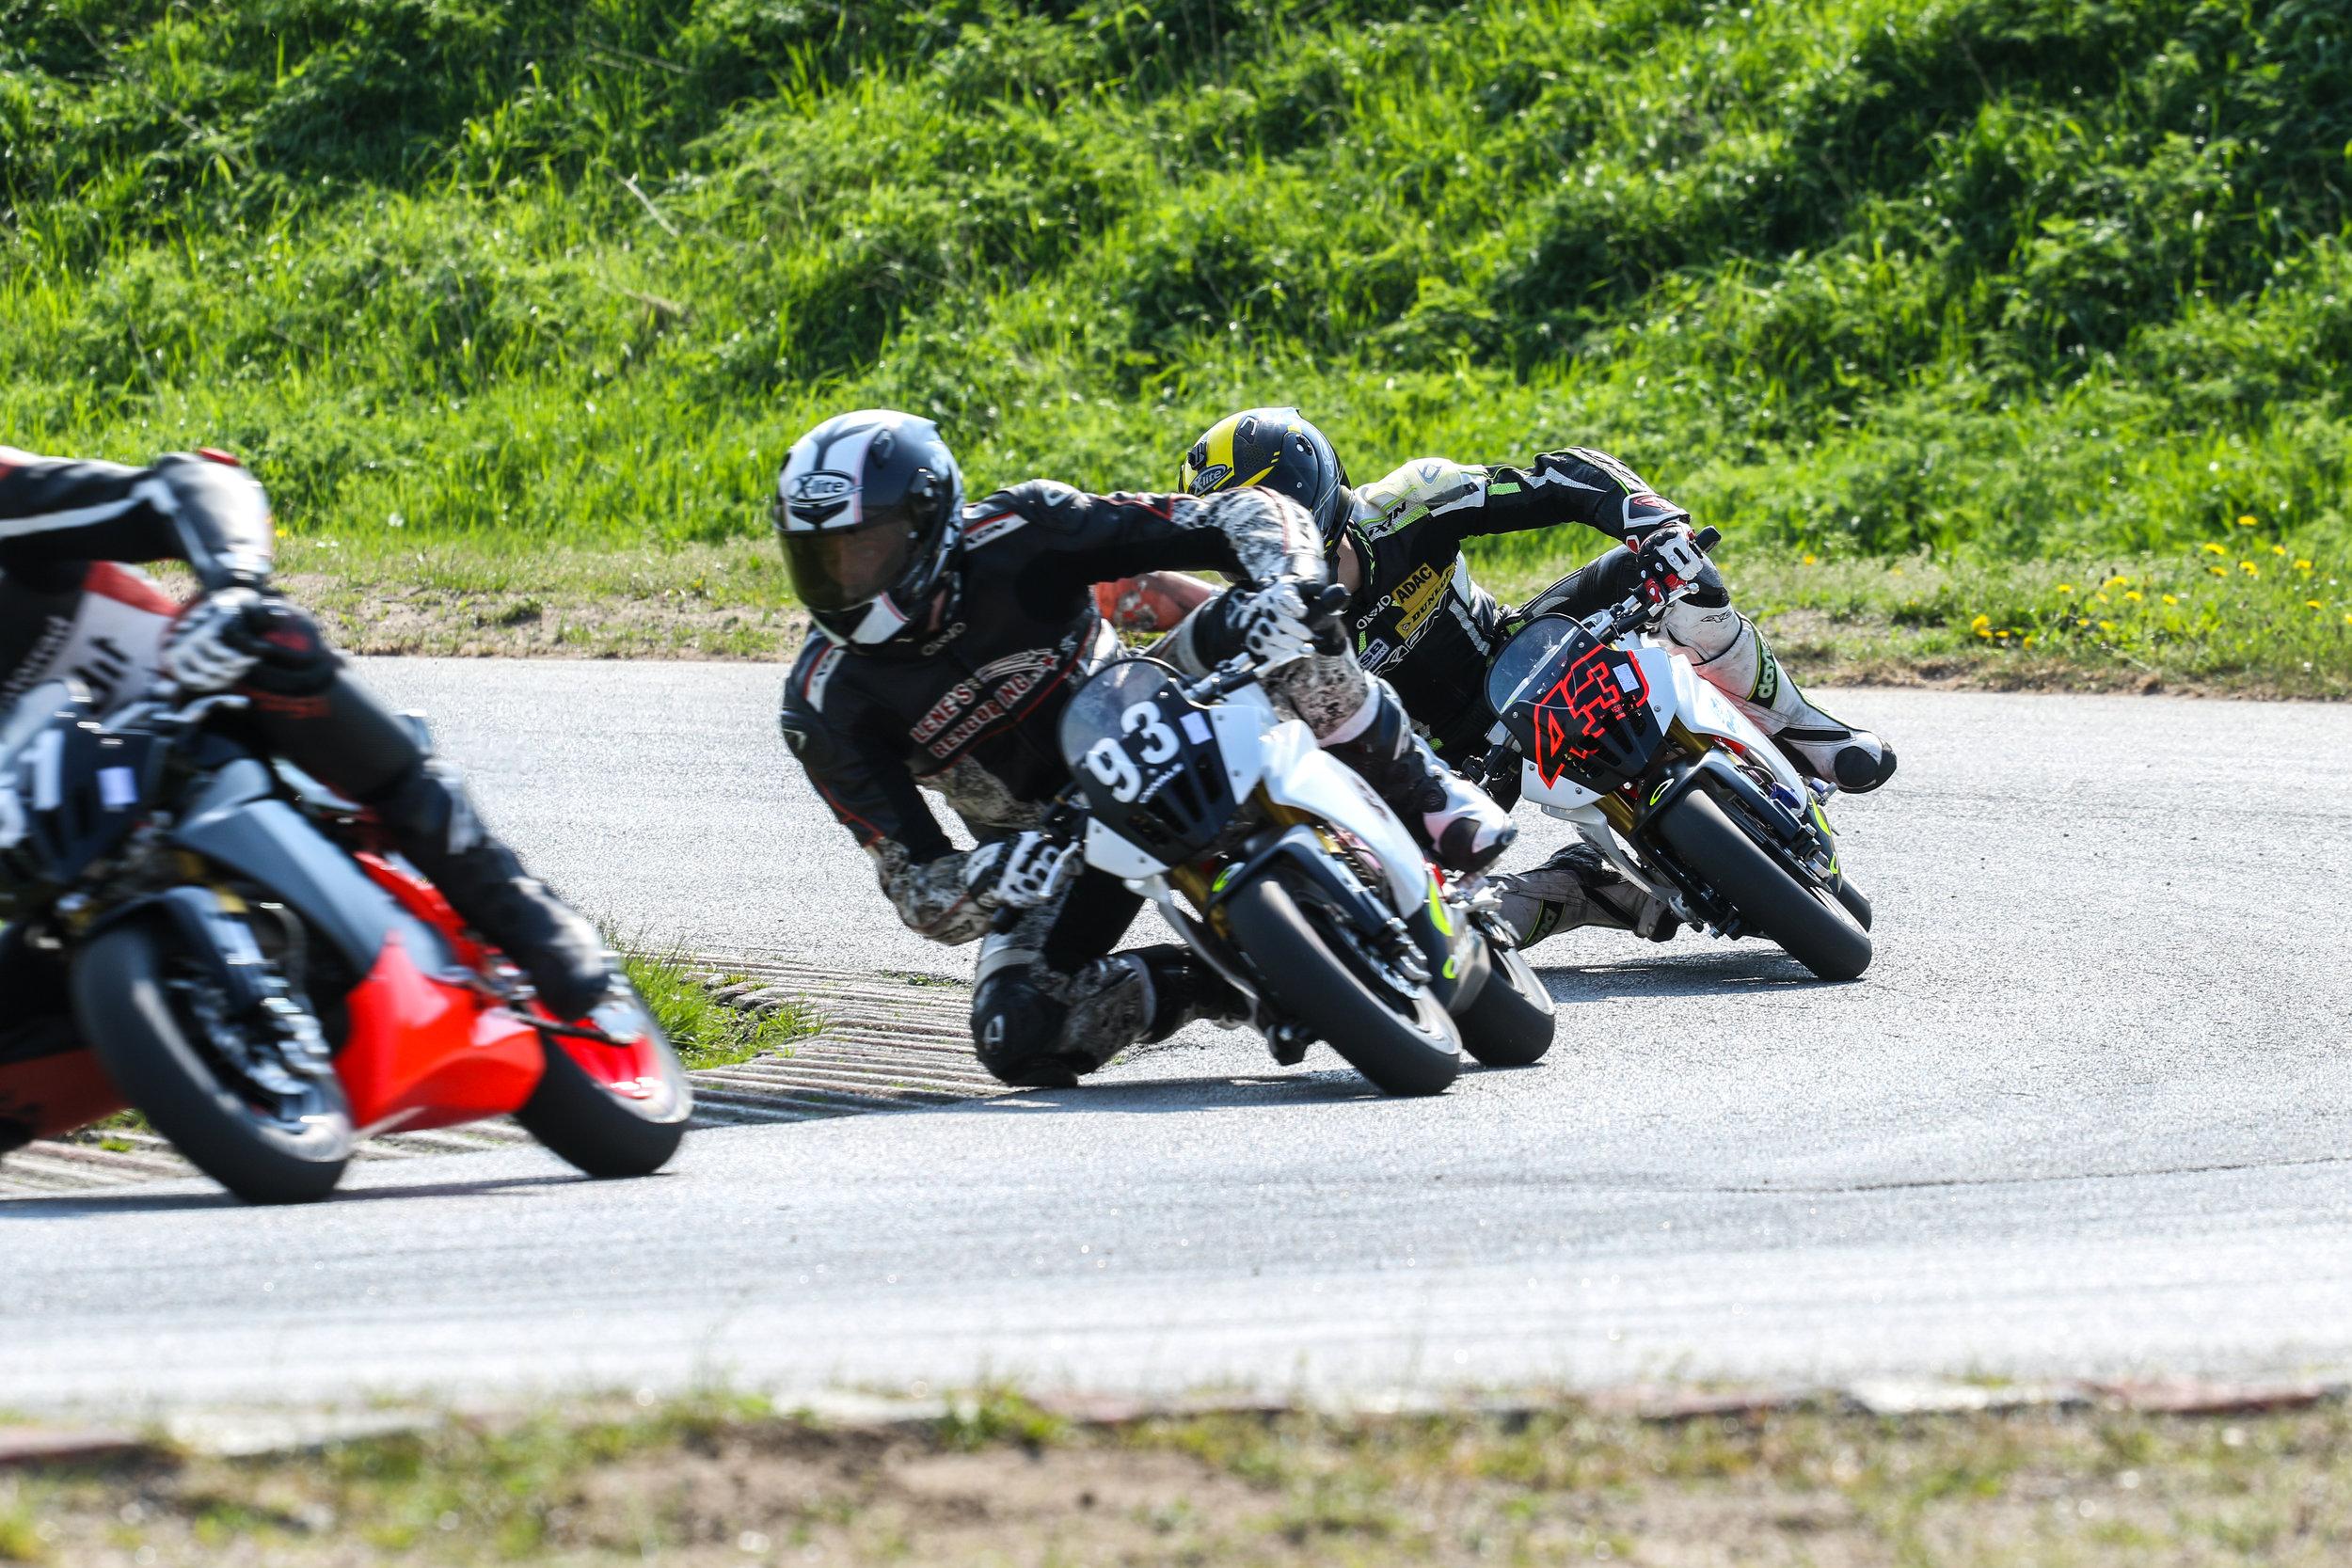 Anders Tirsgaard, Mathias Poulsen og Simon Jespersen er alle kørere med internationalt format, og er bl.a. aktive i toppen af Dansk Superbike samt Moto3 Junior VM.